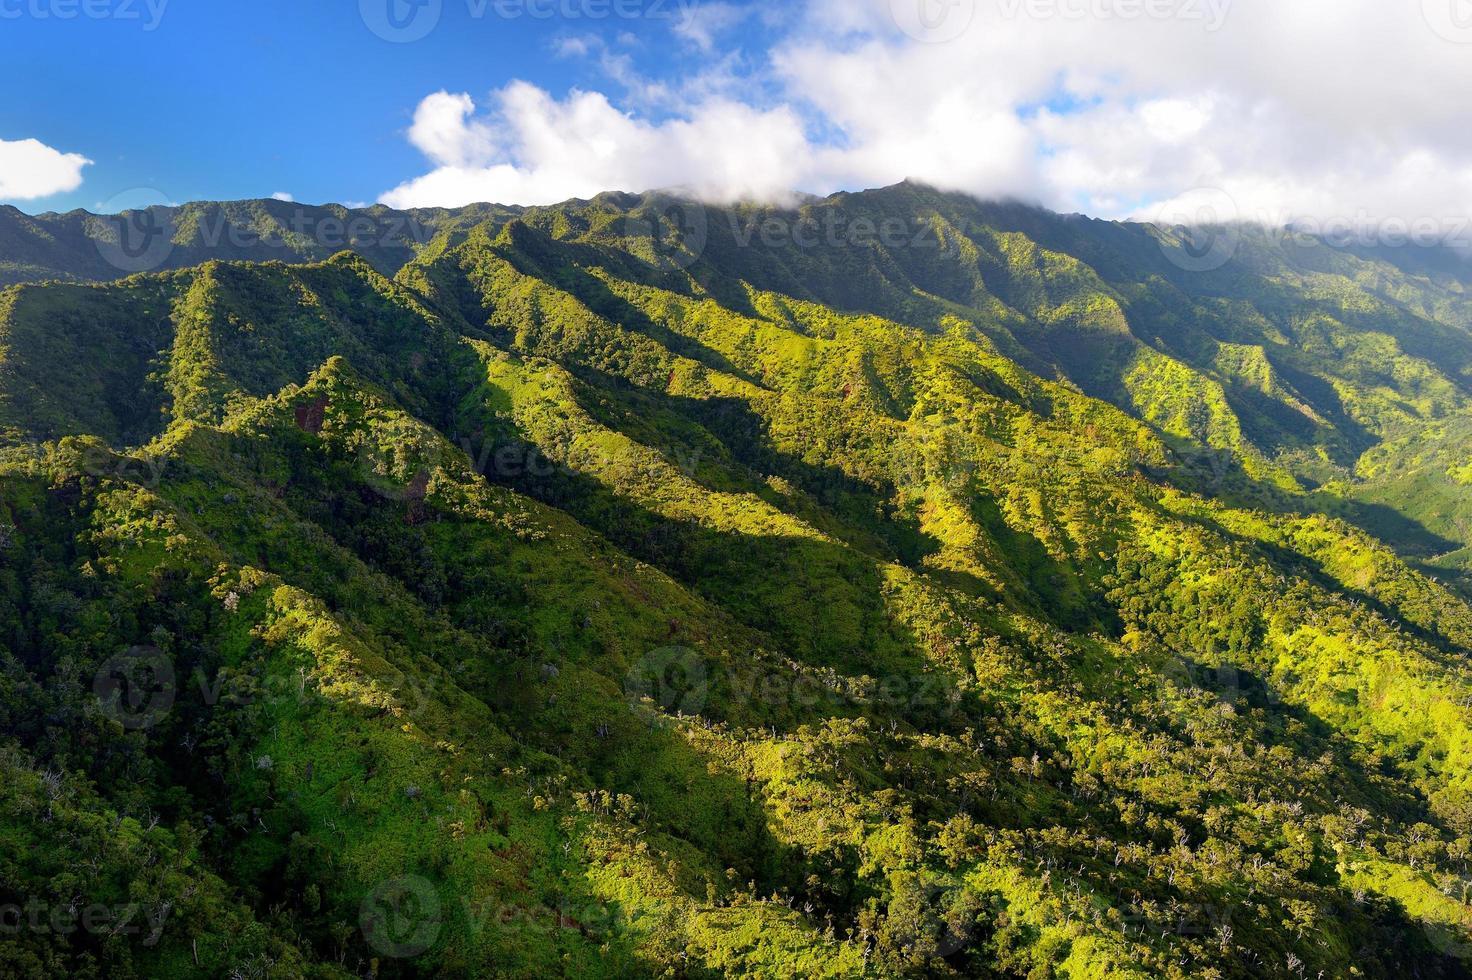 superbe vue aérienne de jungles spectaculaires, kauai photo